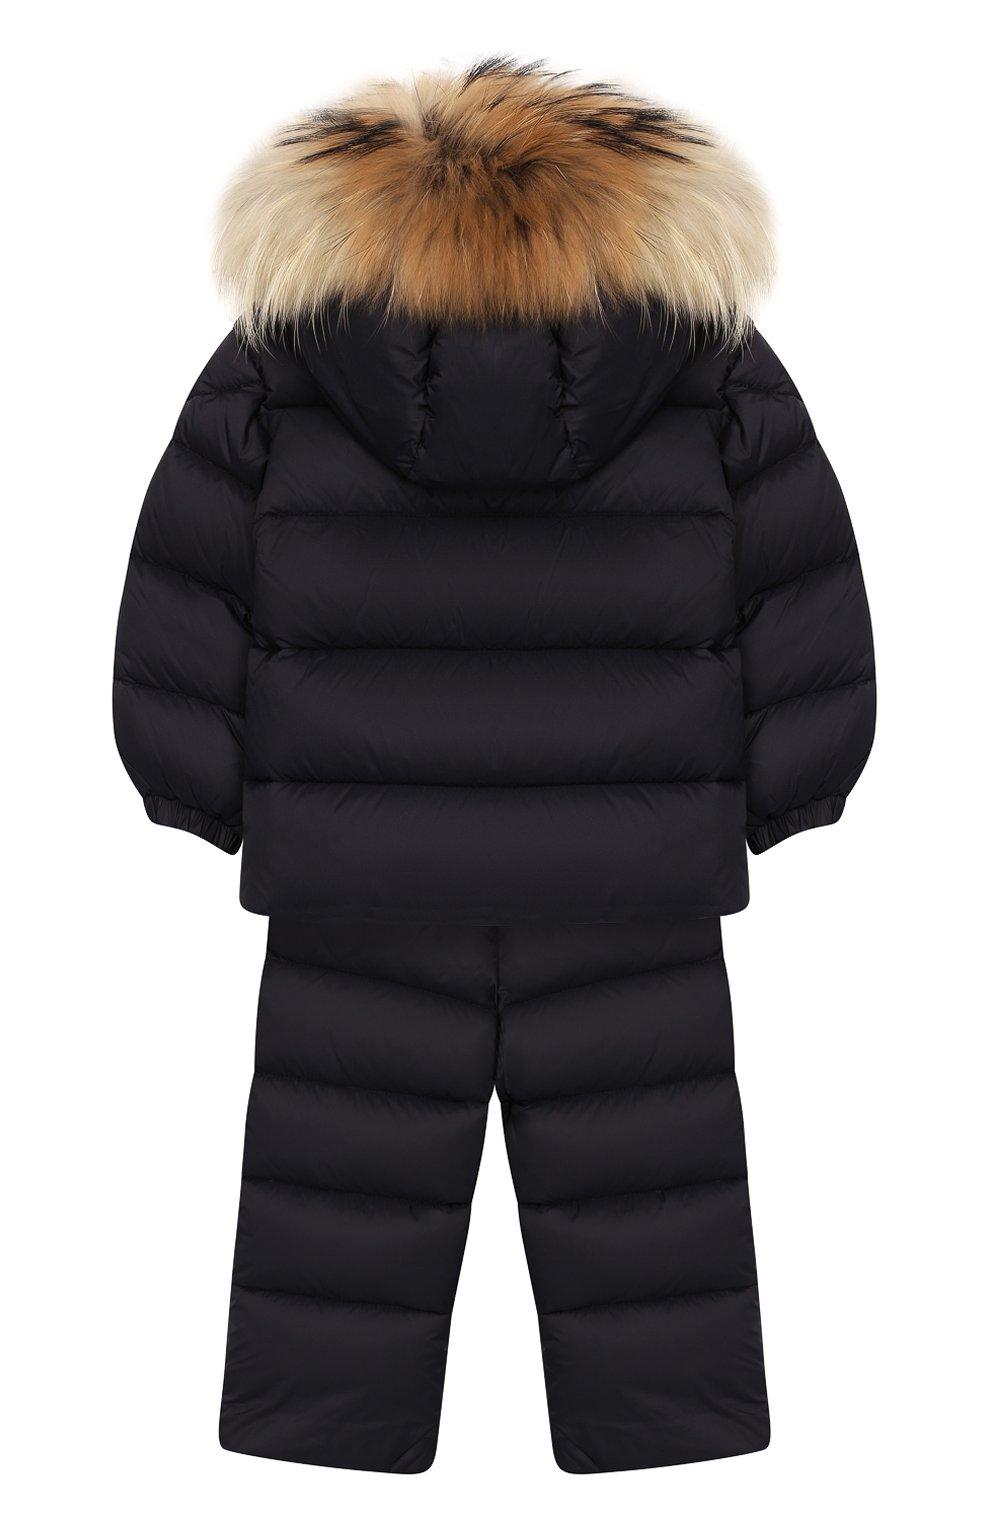 Детский комплект из куртки и комбинезона MONCLER ENFANT синего цвета, арт. E2-951-70335-25-53079   Фото 2